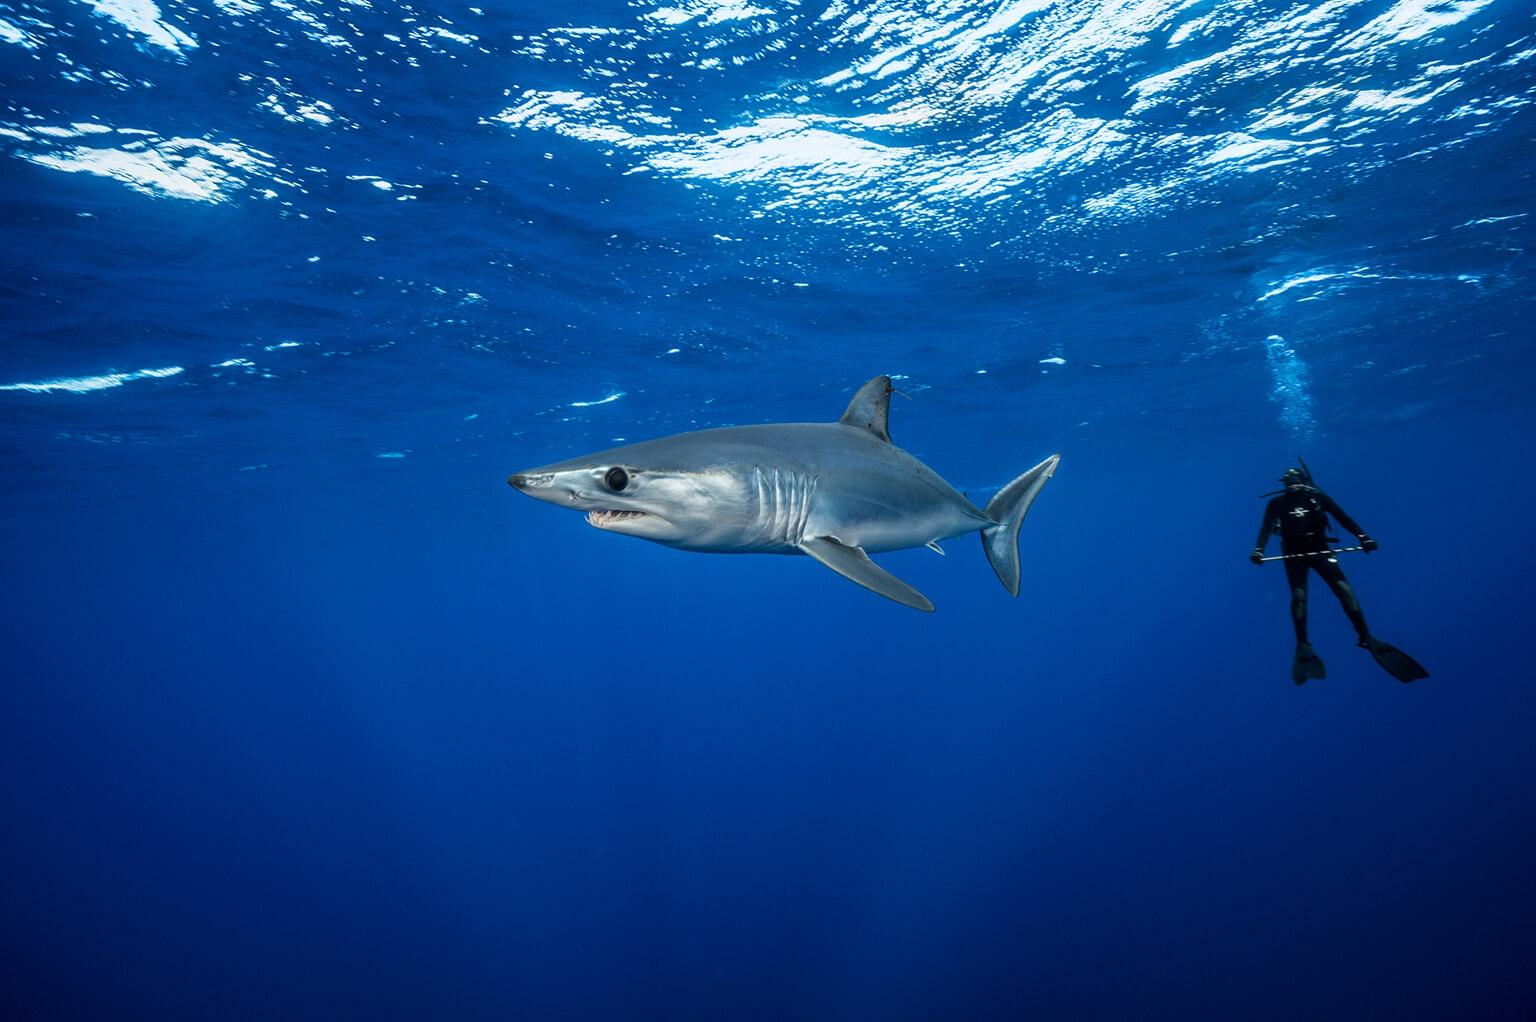 潛水員在聖地牙哥外海標放幼年的尖吻鯖鯊,研究者已知這片水域是鯊魚生產地。成熟母鯊約每三年產崽一次,最少可能只有四隻幼崽。 攝影:布萊恩.史蓋瑞 Brian Skerry